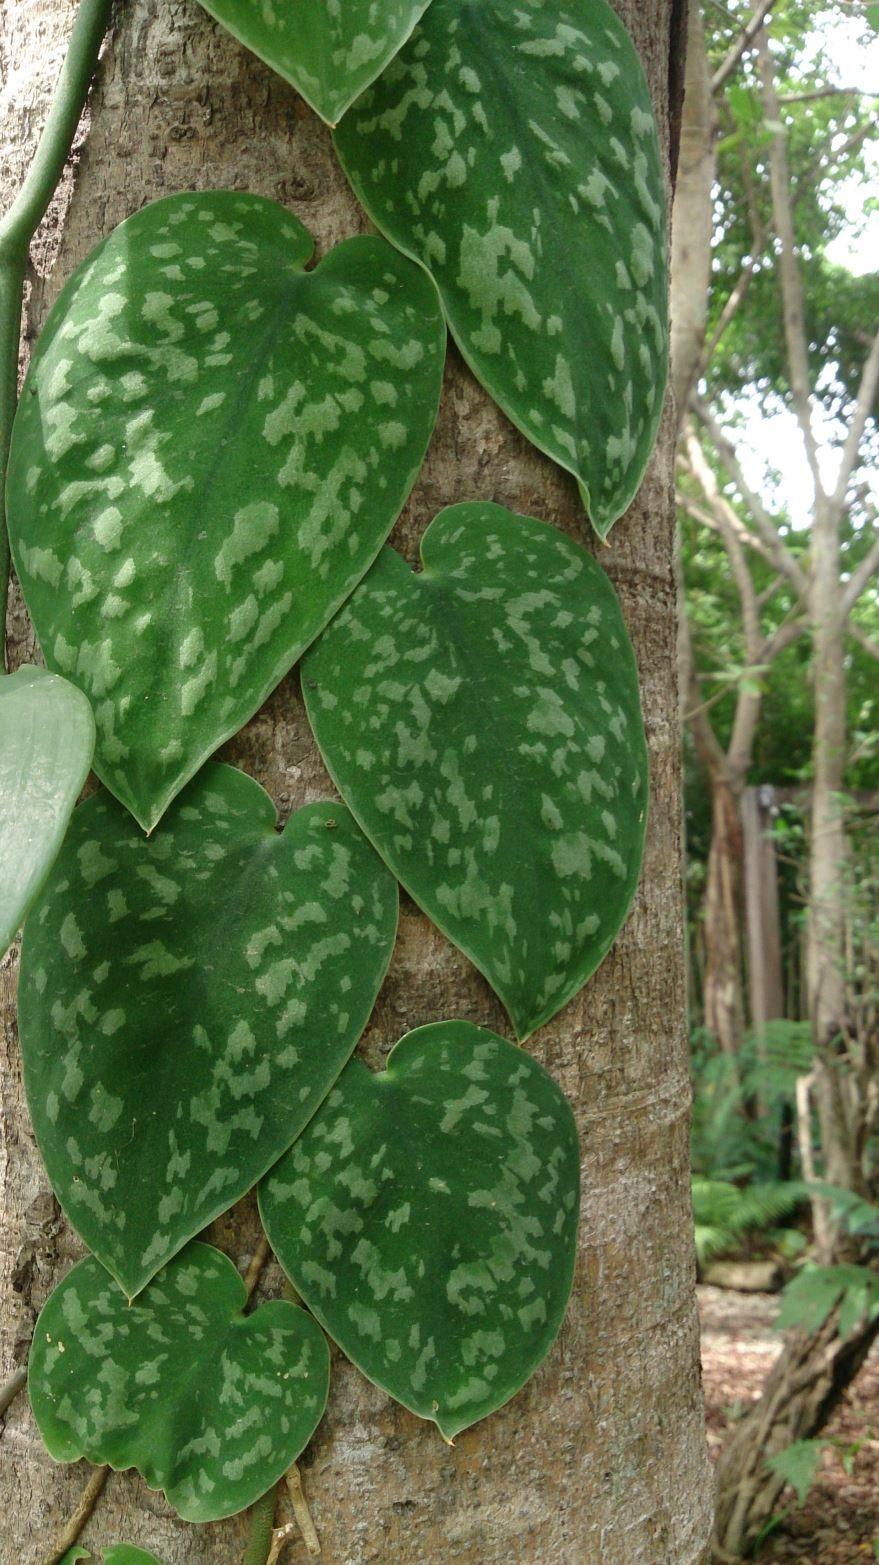 Фото растения сциндапсус домашний с листьями, посадка в открытый грунт бесплатно